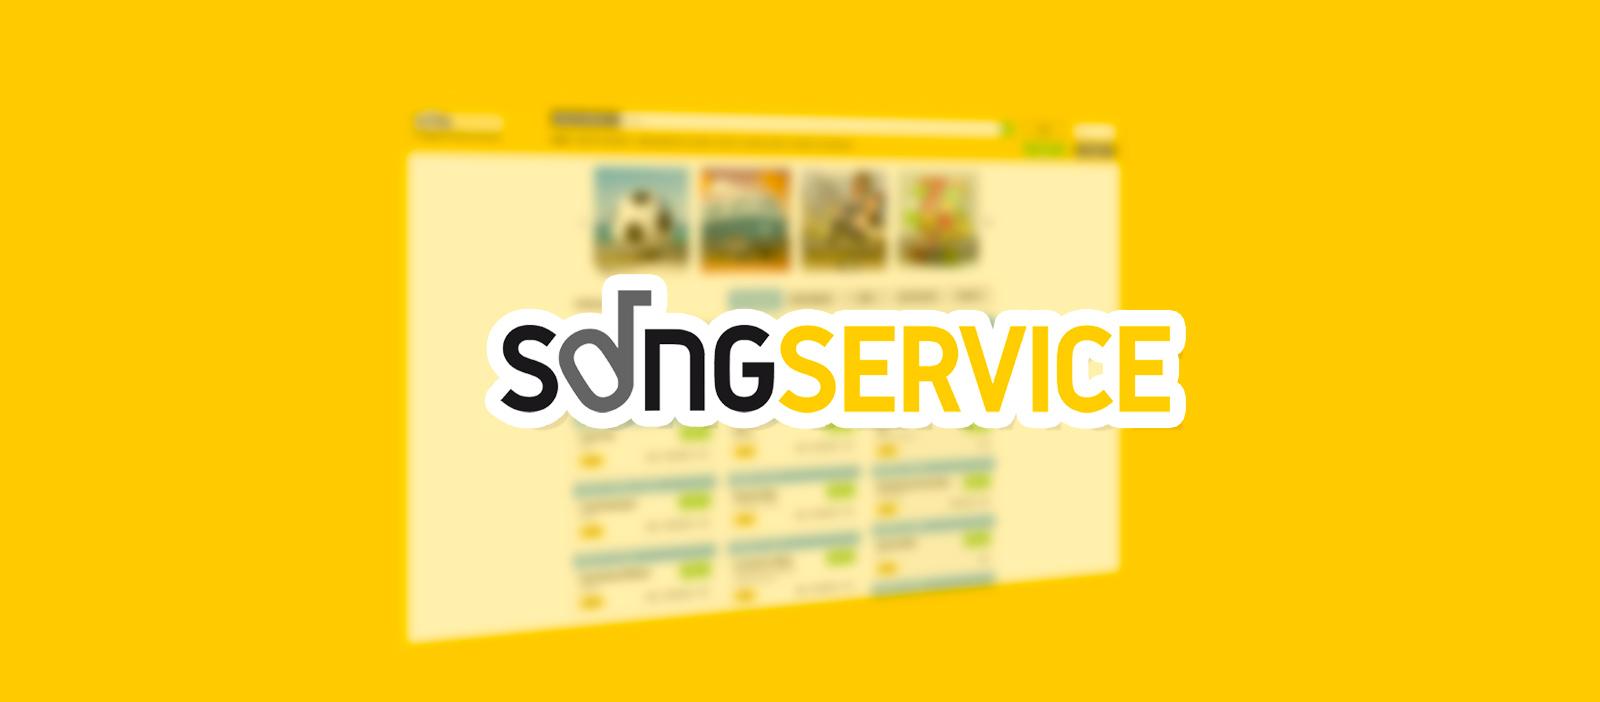 Songservice.it il progetto più vasto affrontato da Retorica